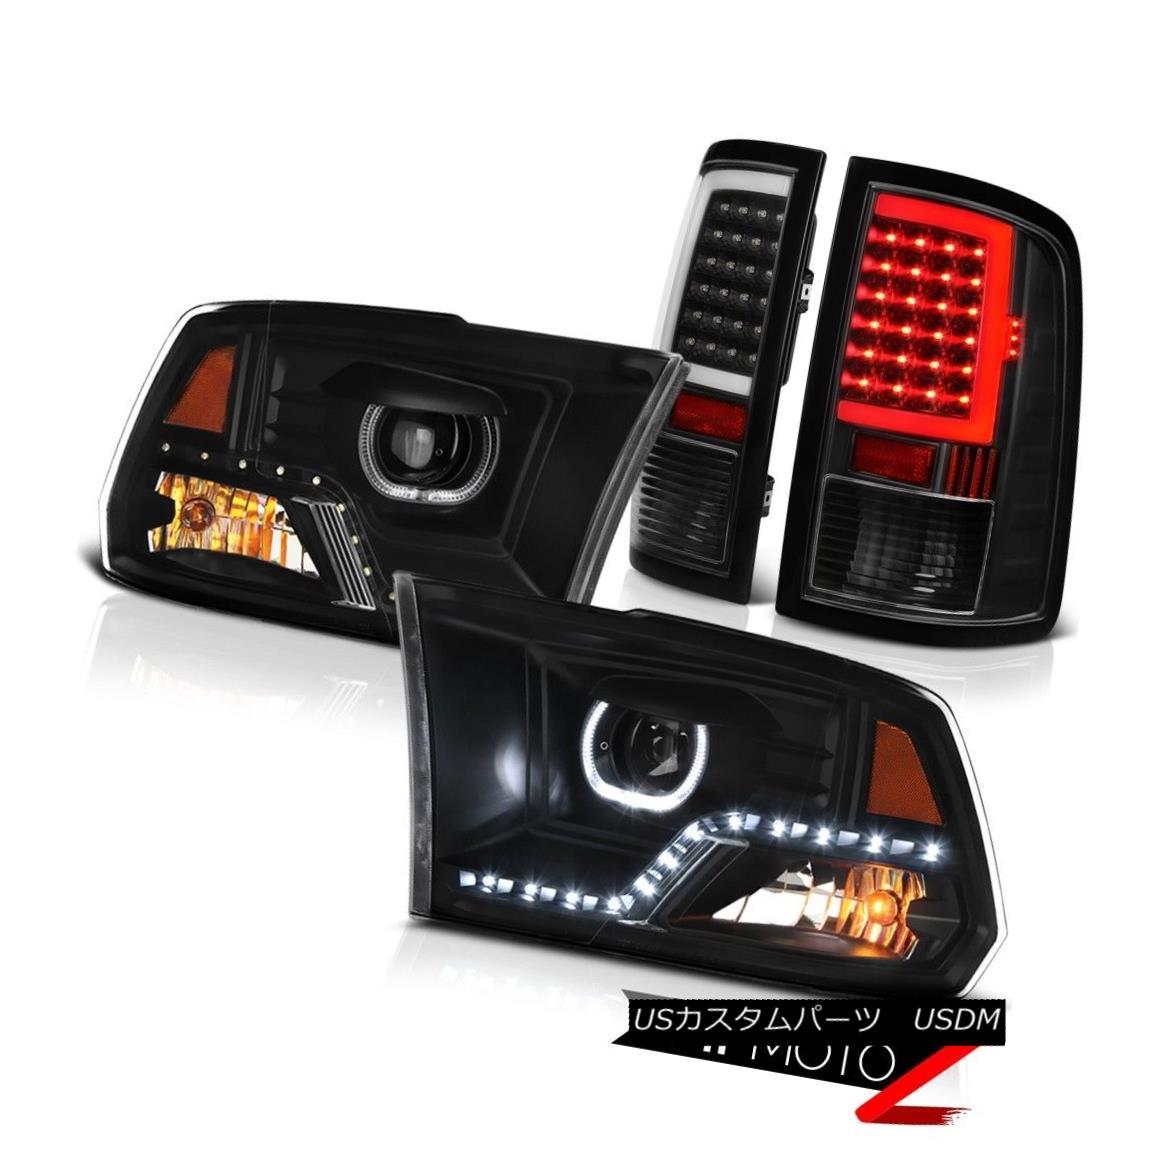 テールライト 10 11 12 13-18 Dodge RAM 1500 2500 3500 Black Tail Lamps Headlights Replacement 10 11 12 13-18ダッジRAM 1500 2500 3500ブラックテールランプヘッドライトの交換